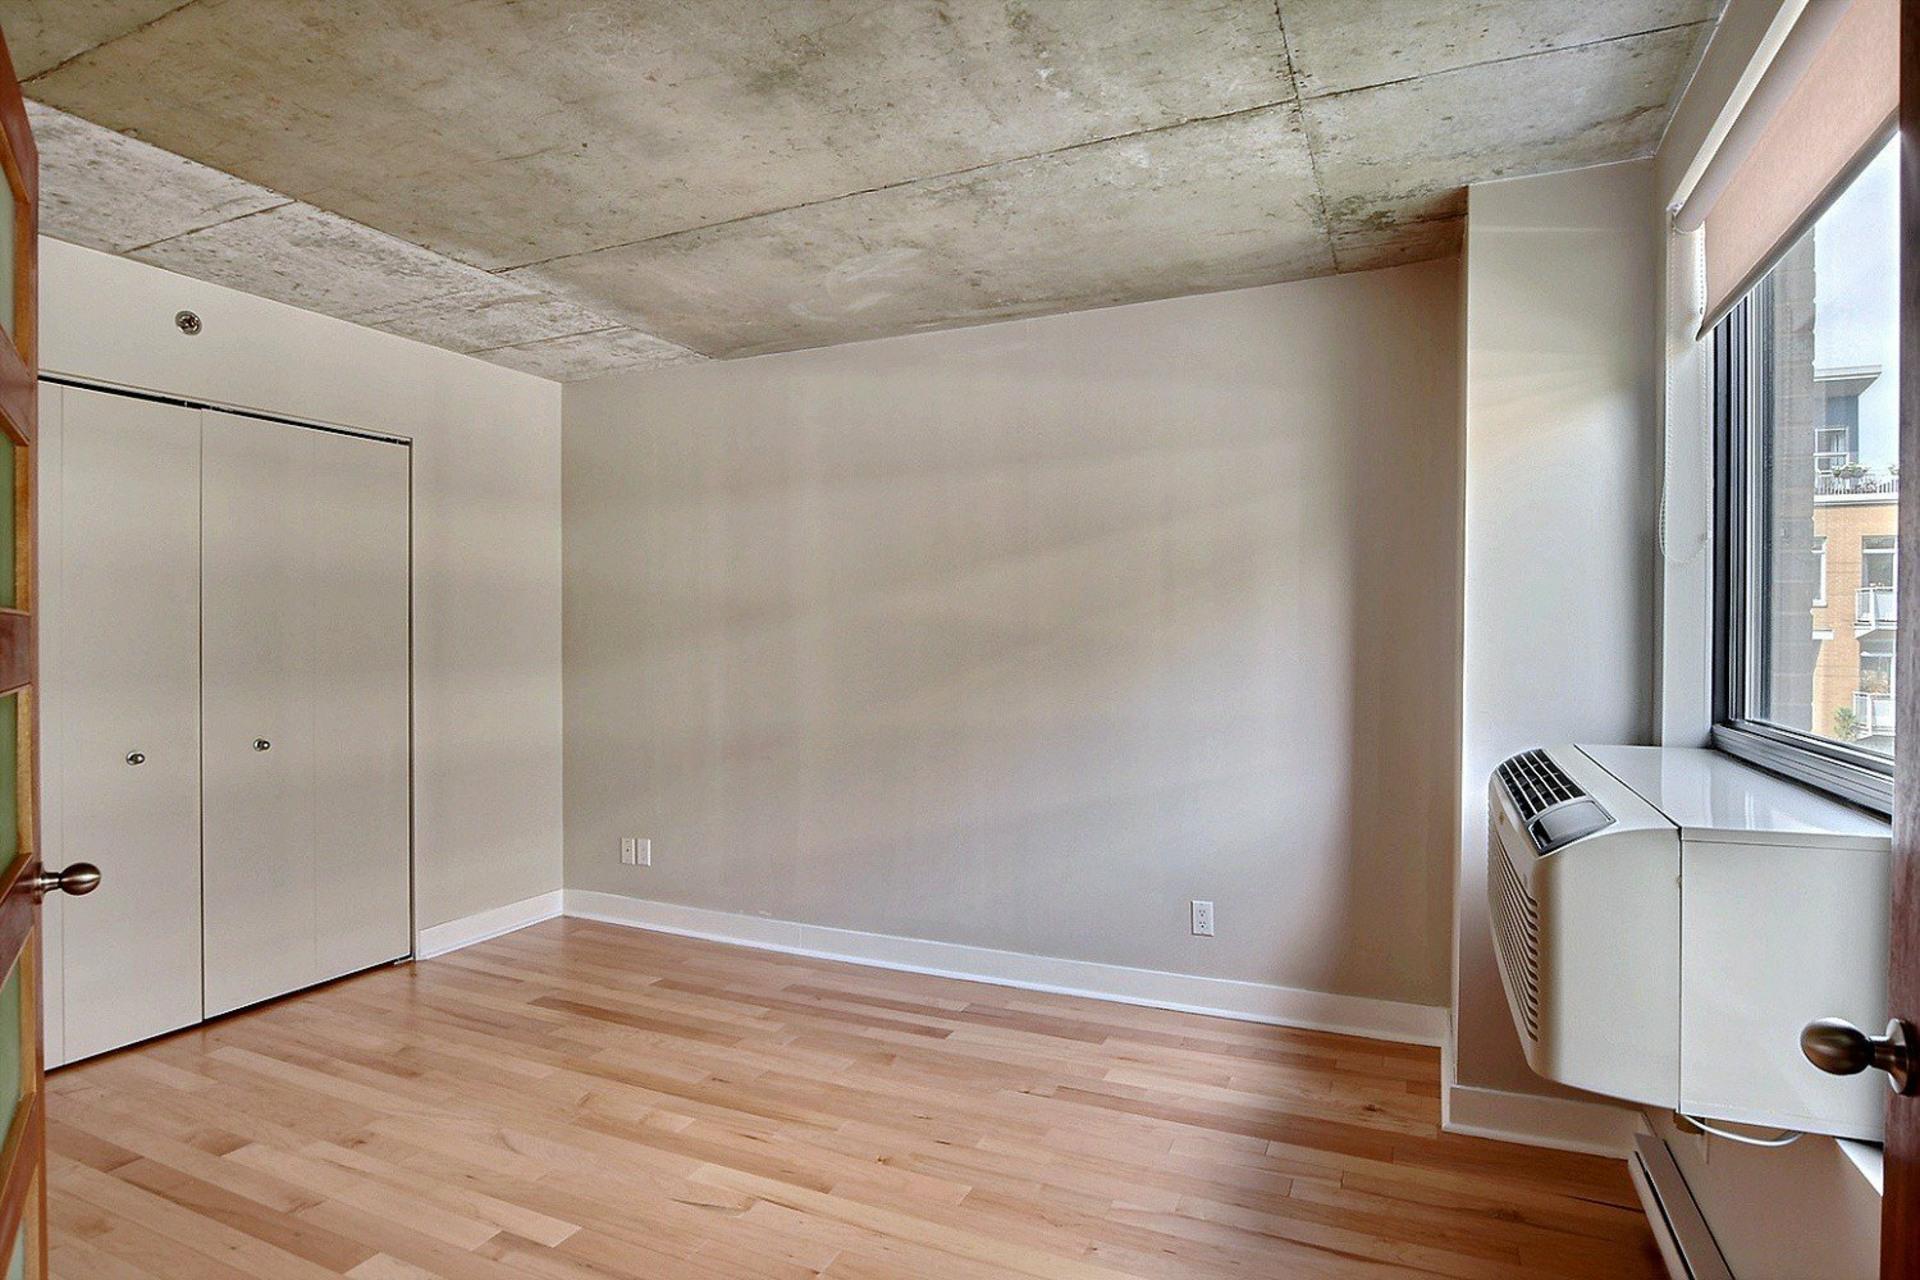 image 9 - Appartement À louer Ville-Marie Montréal  - 6 pièces